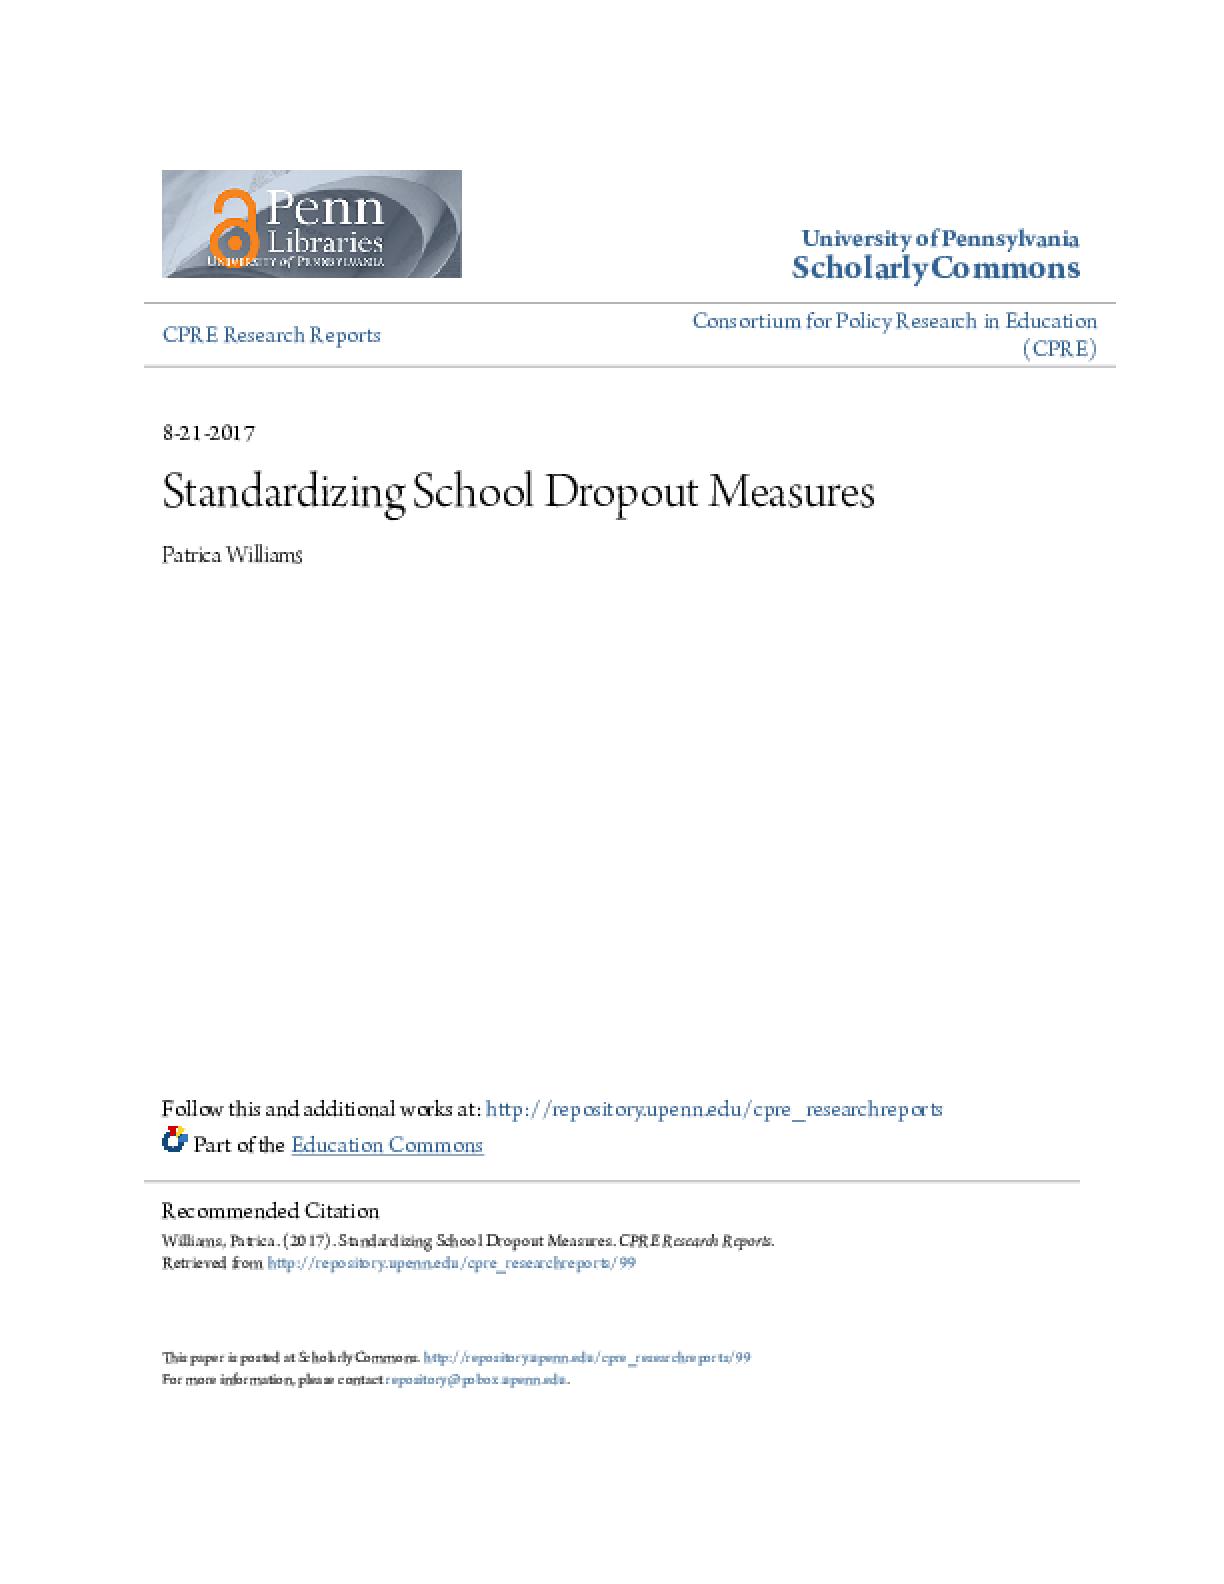 Standardizing School Dropout Measures